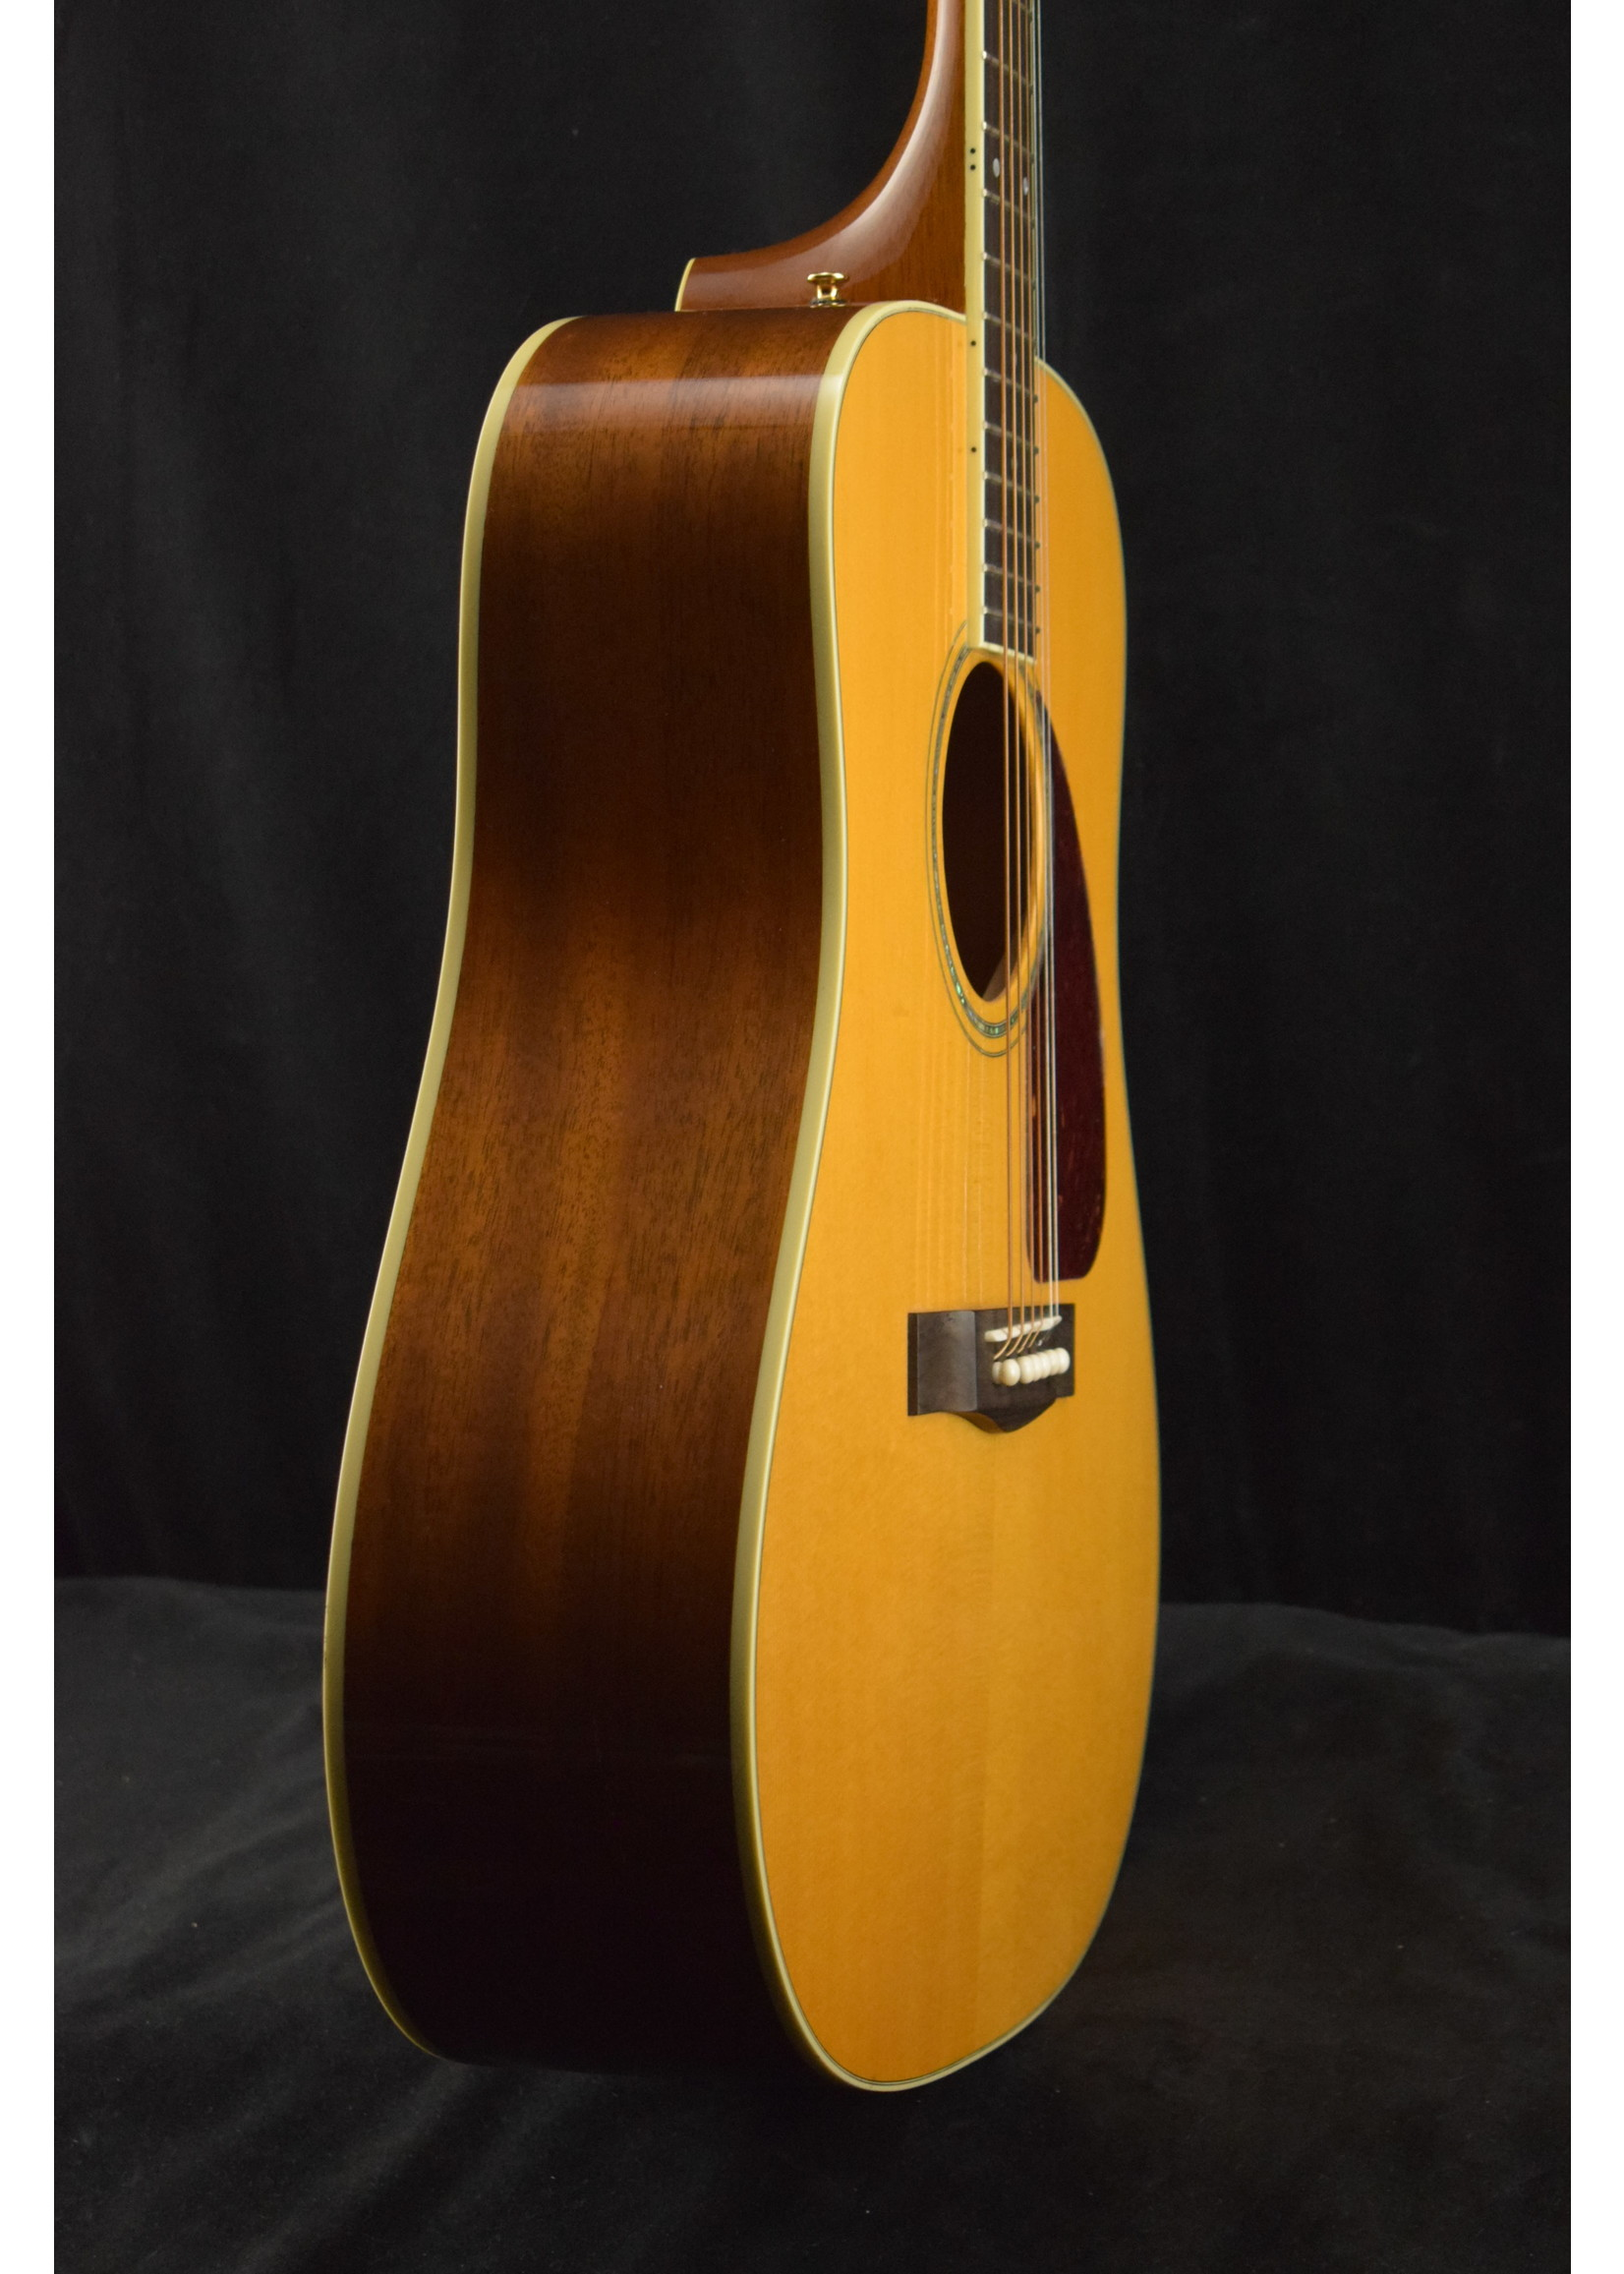 Fender Fender Custom Shop TPD-1 Traditional Pro Dreadnought 2013 Natural (blemished)